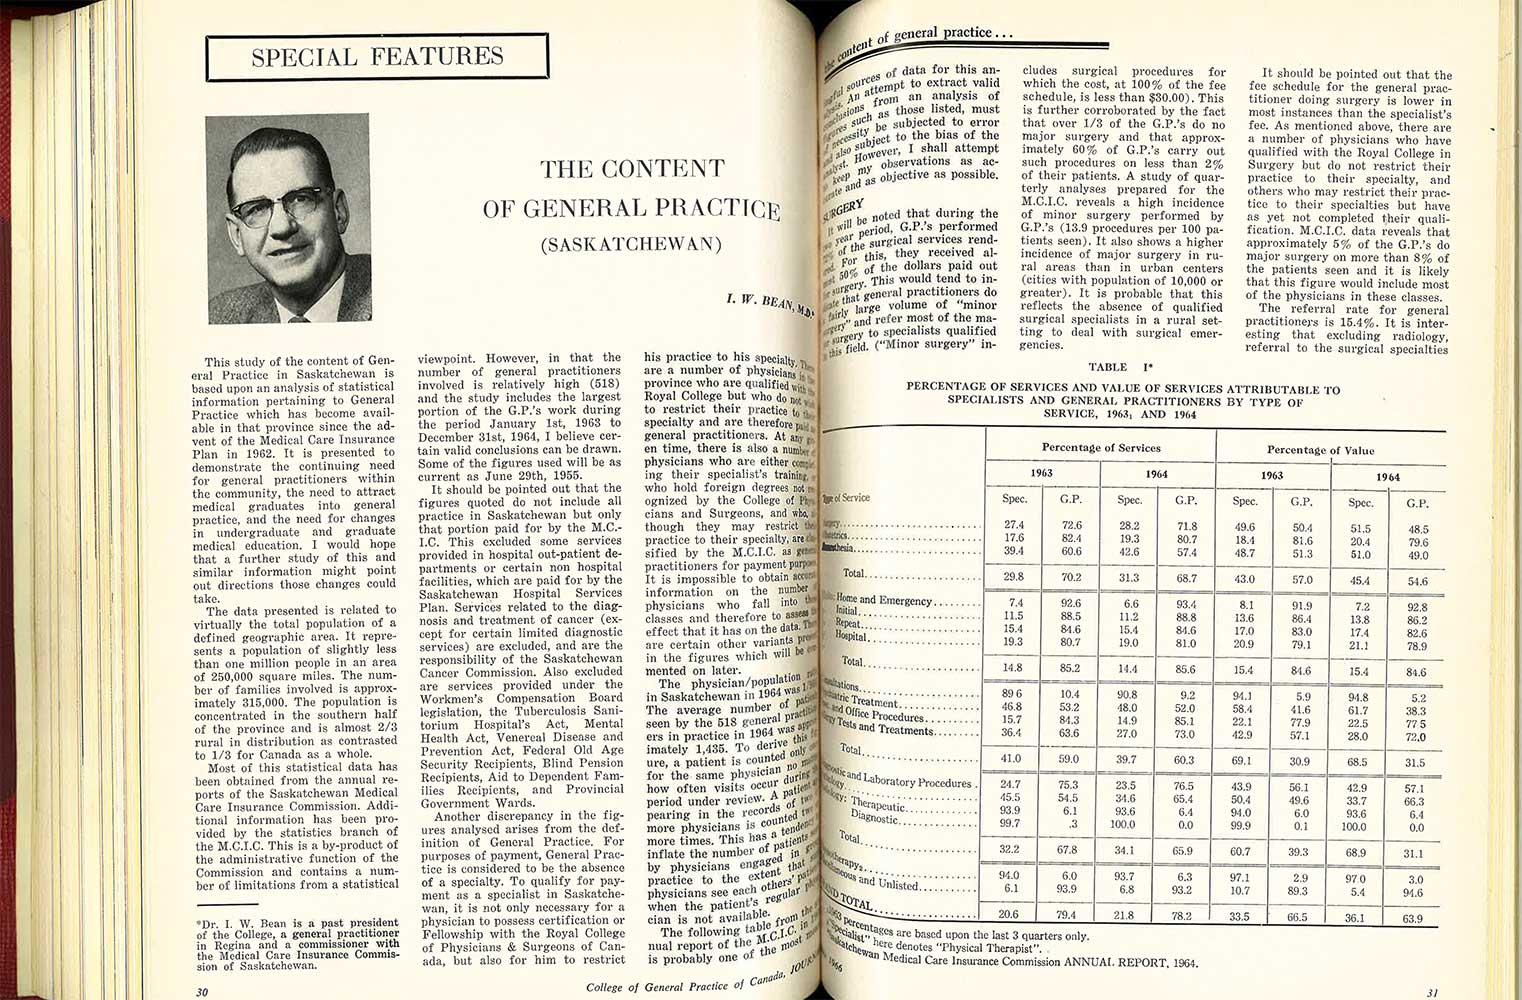 <em>Matière de pratique générale  (Saskatchewan) </em> par Dr I. W. Bean